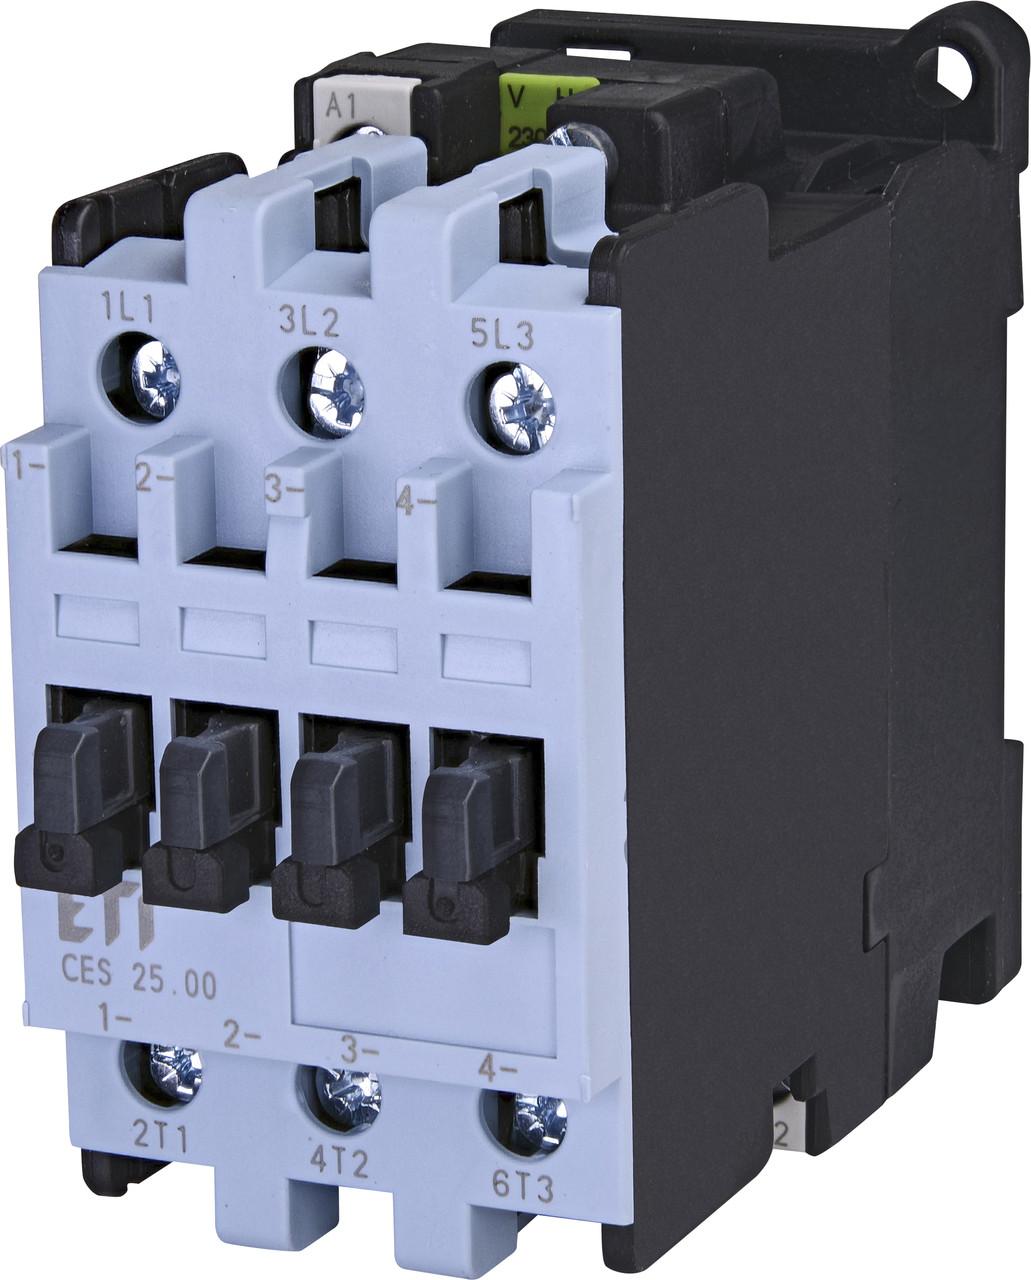 Контактор силовой ETI CES 25.00 25А 230V AC 3NO 11kW 4646543 (на DIN-рейку, 42A AC1, 25A AC3)